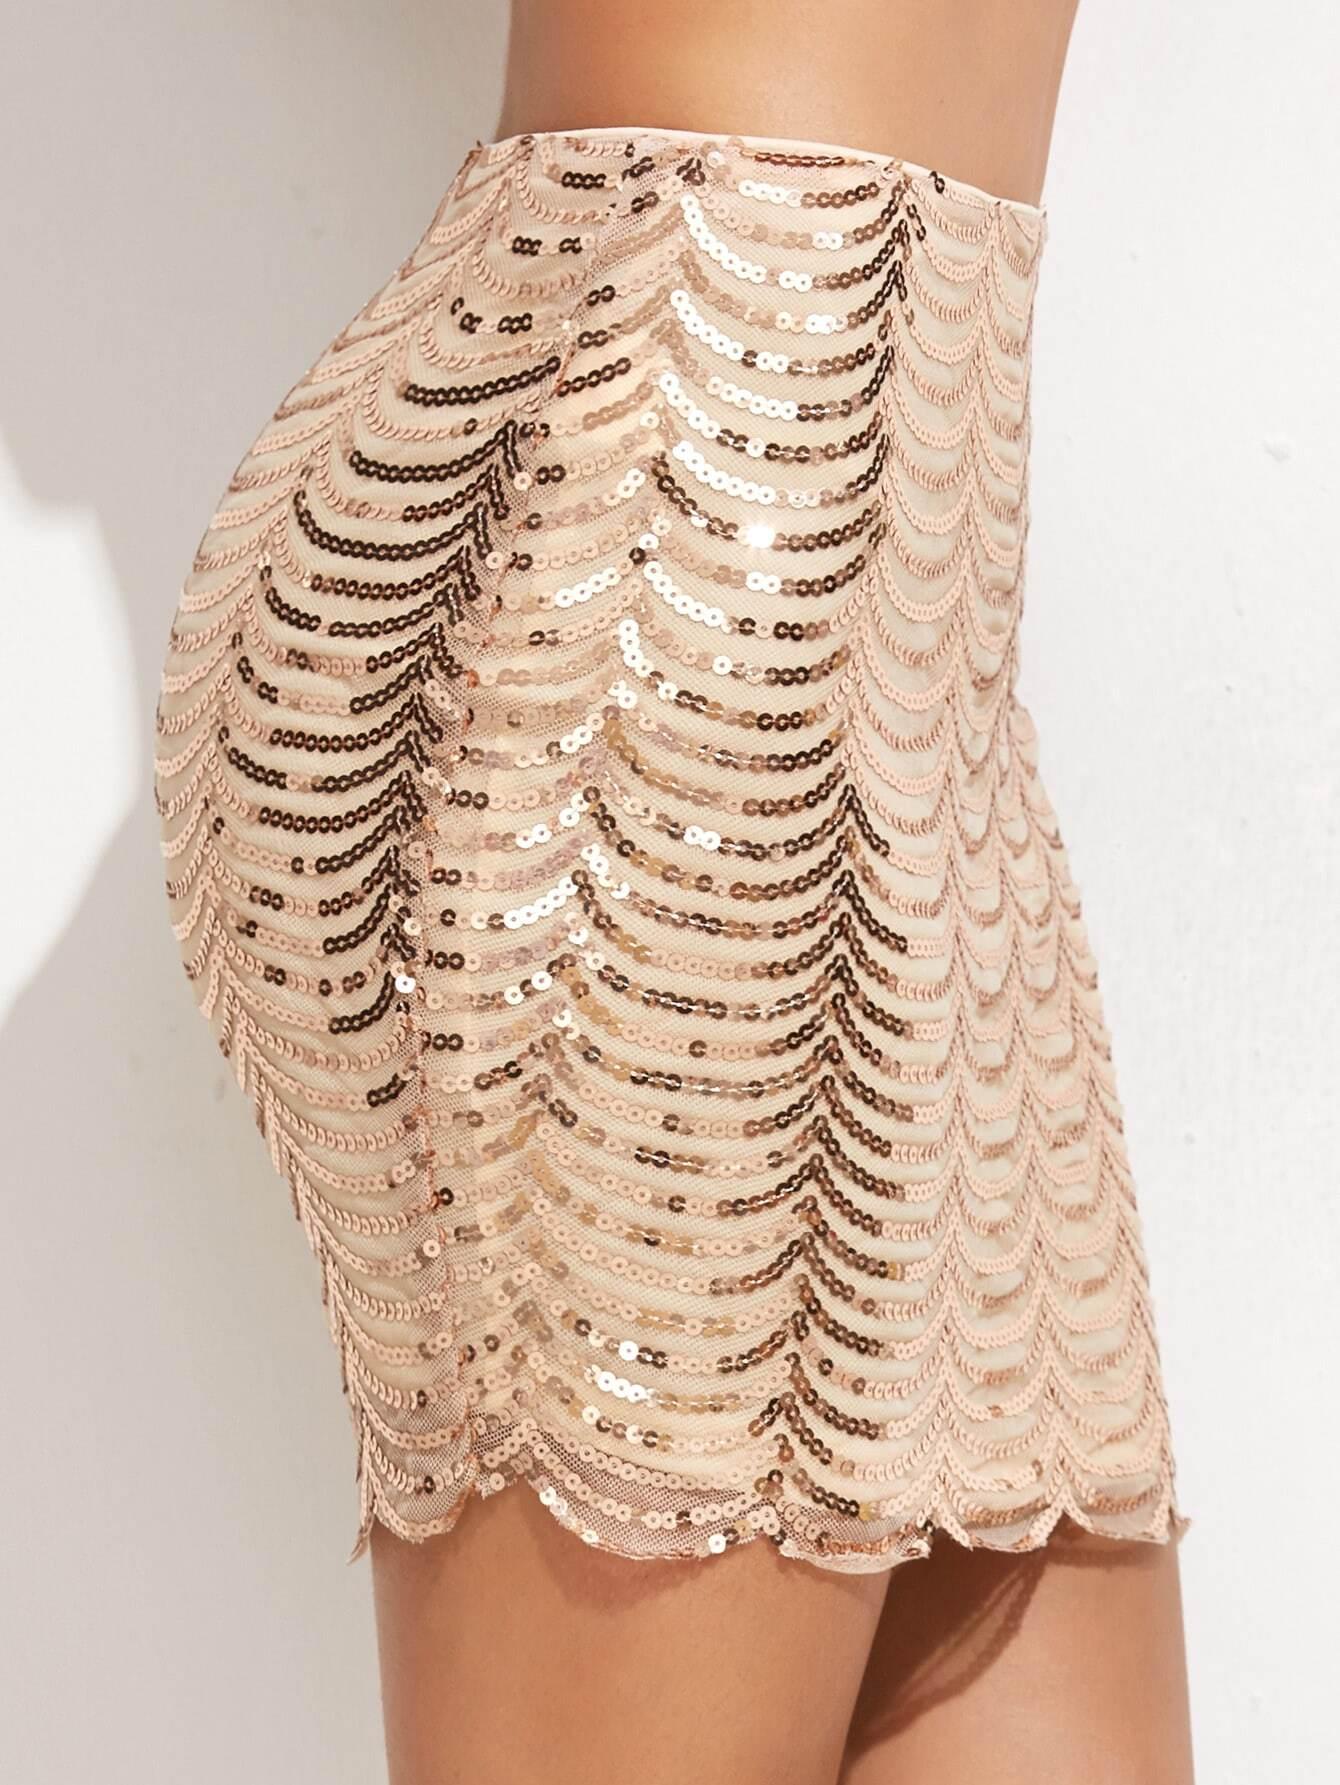 skirt161011701_2